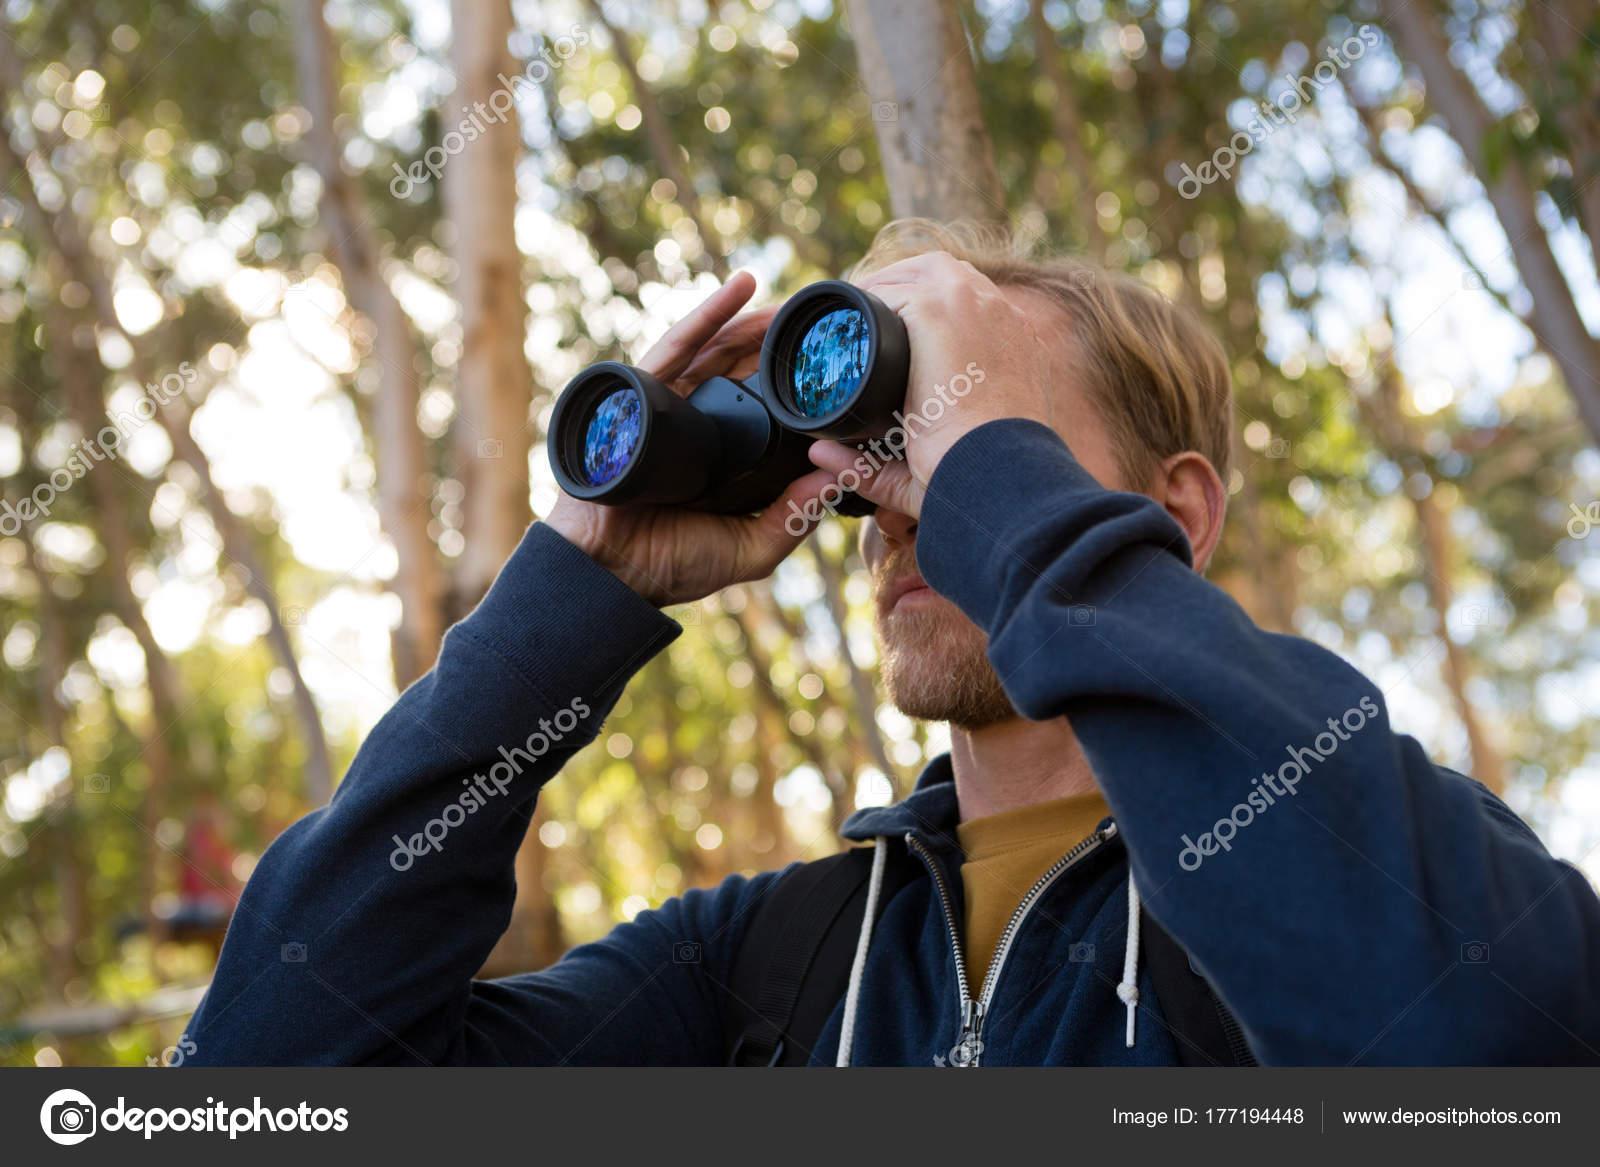 Mann wanderer die erkundung der natur durch ein fernglas